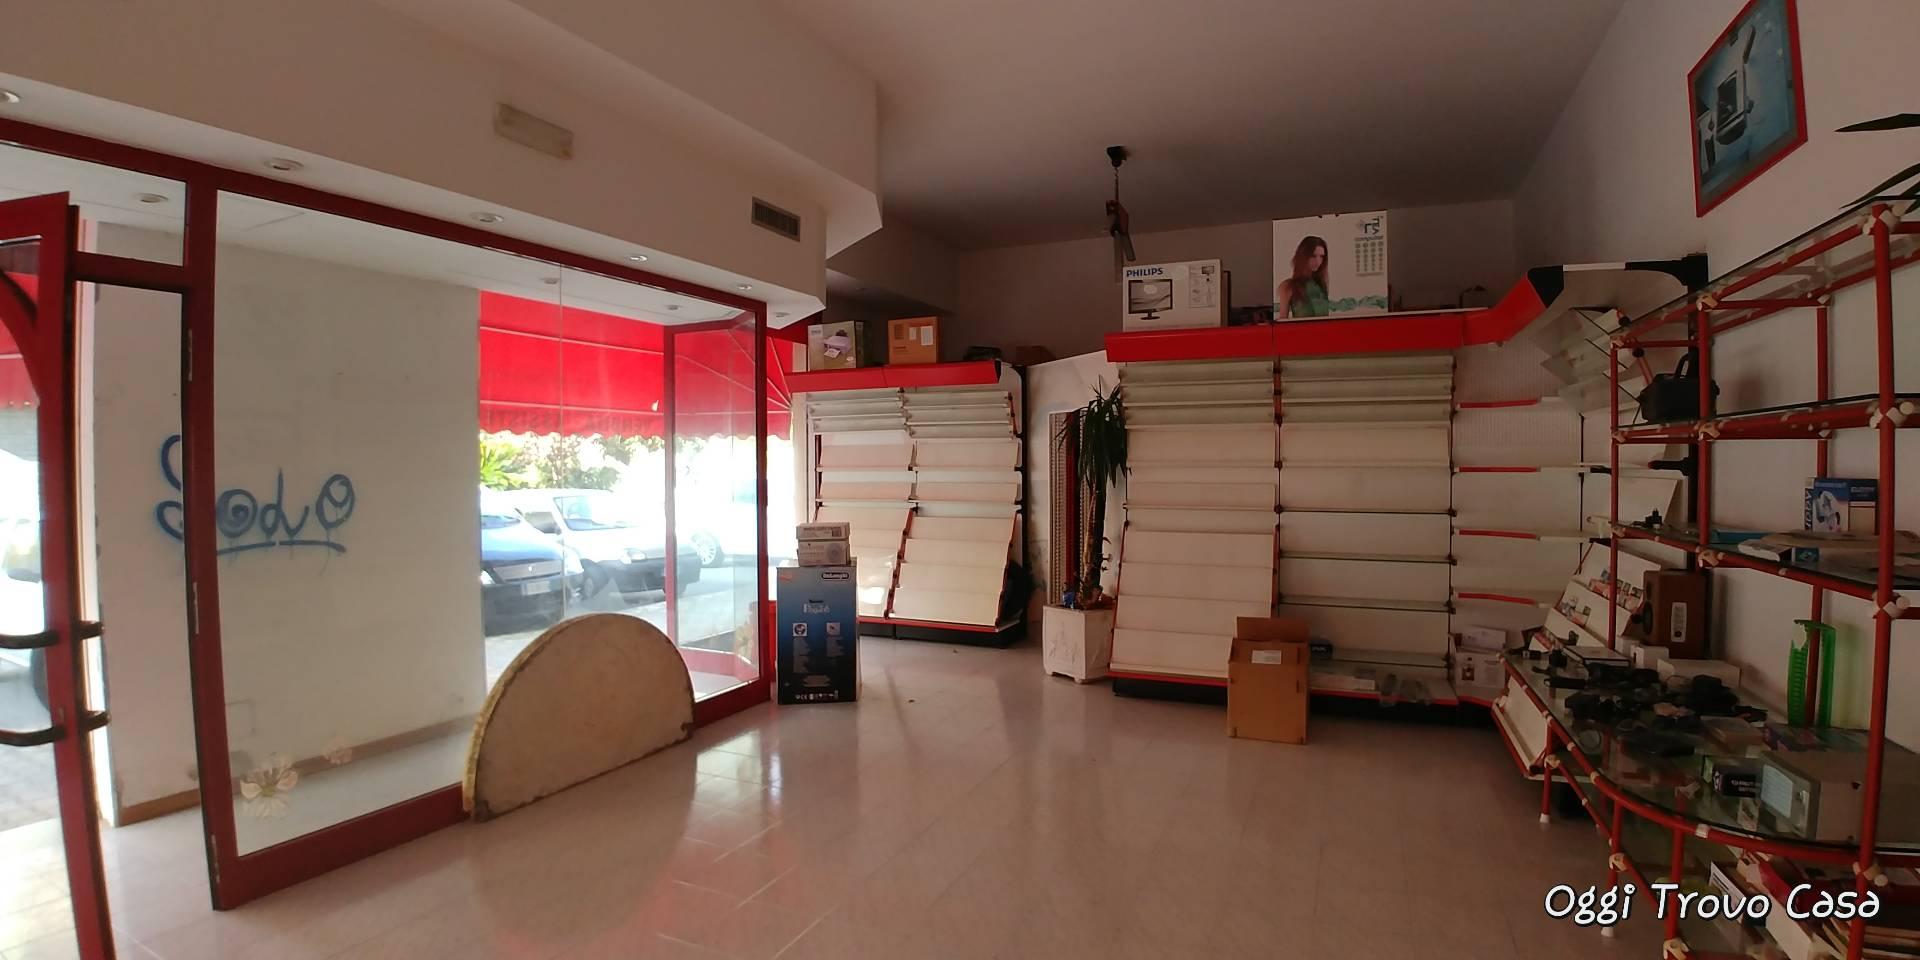 6552e8ab05 Negozio / Locale in affitto a Monteprandone, 9999 locali, zona Zona:  Centobuchi,